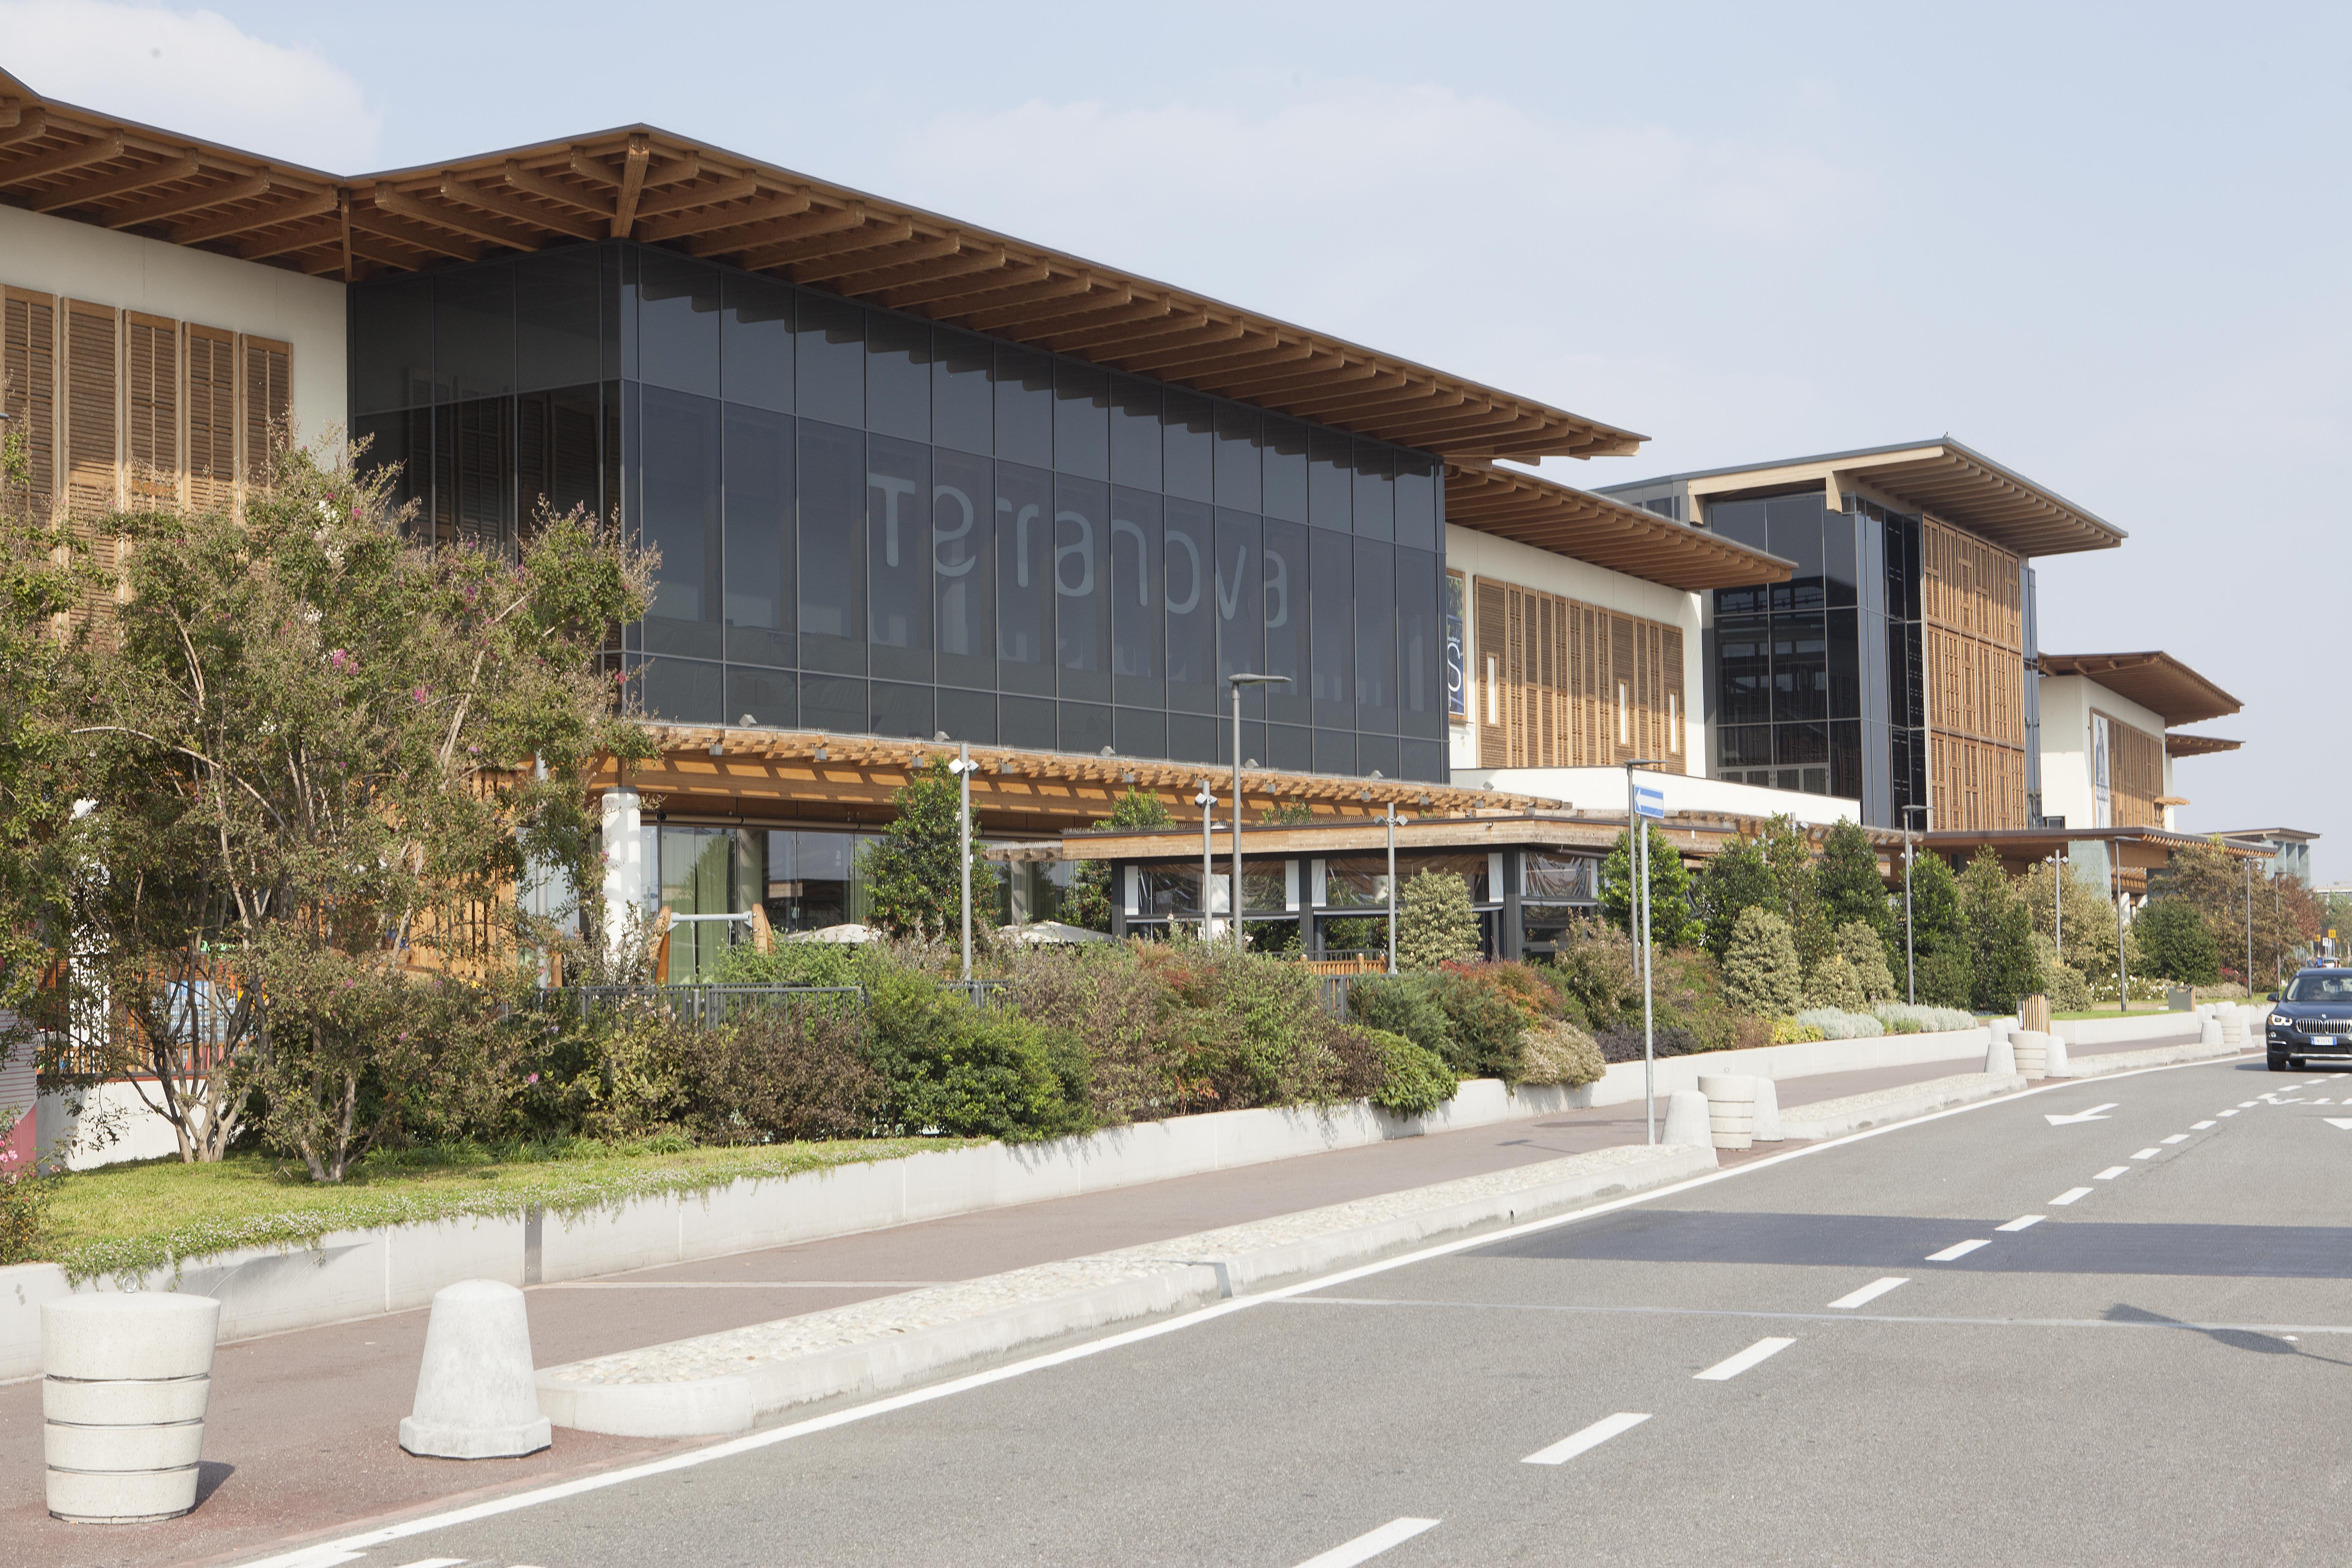 Il Centro di Arese è stato progettato dall'architetto De Lucchi